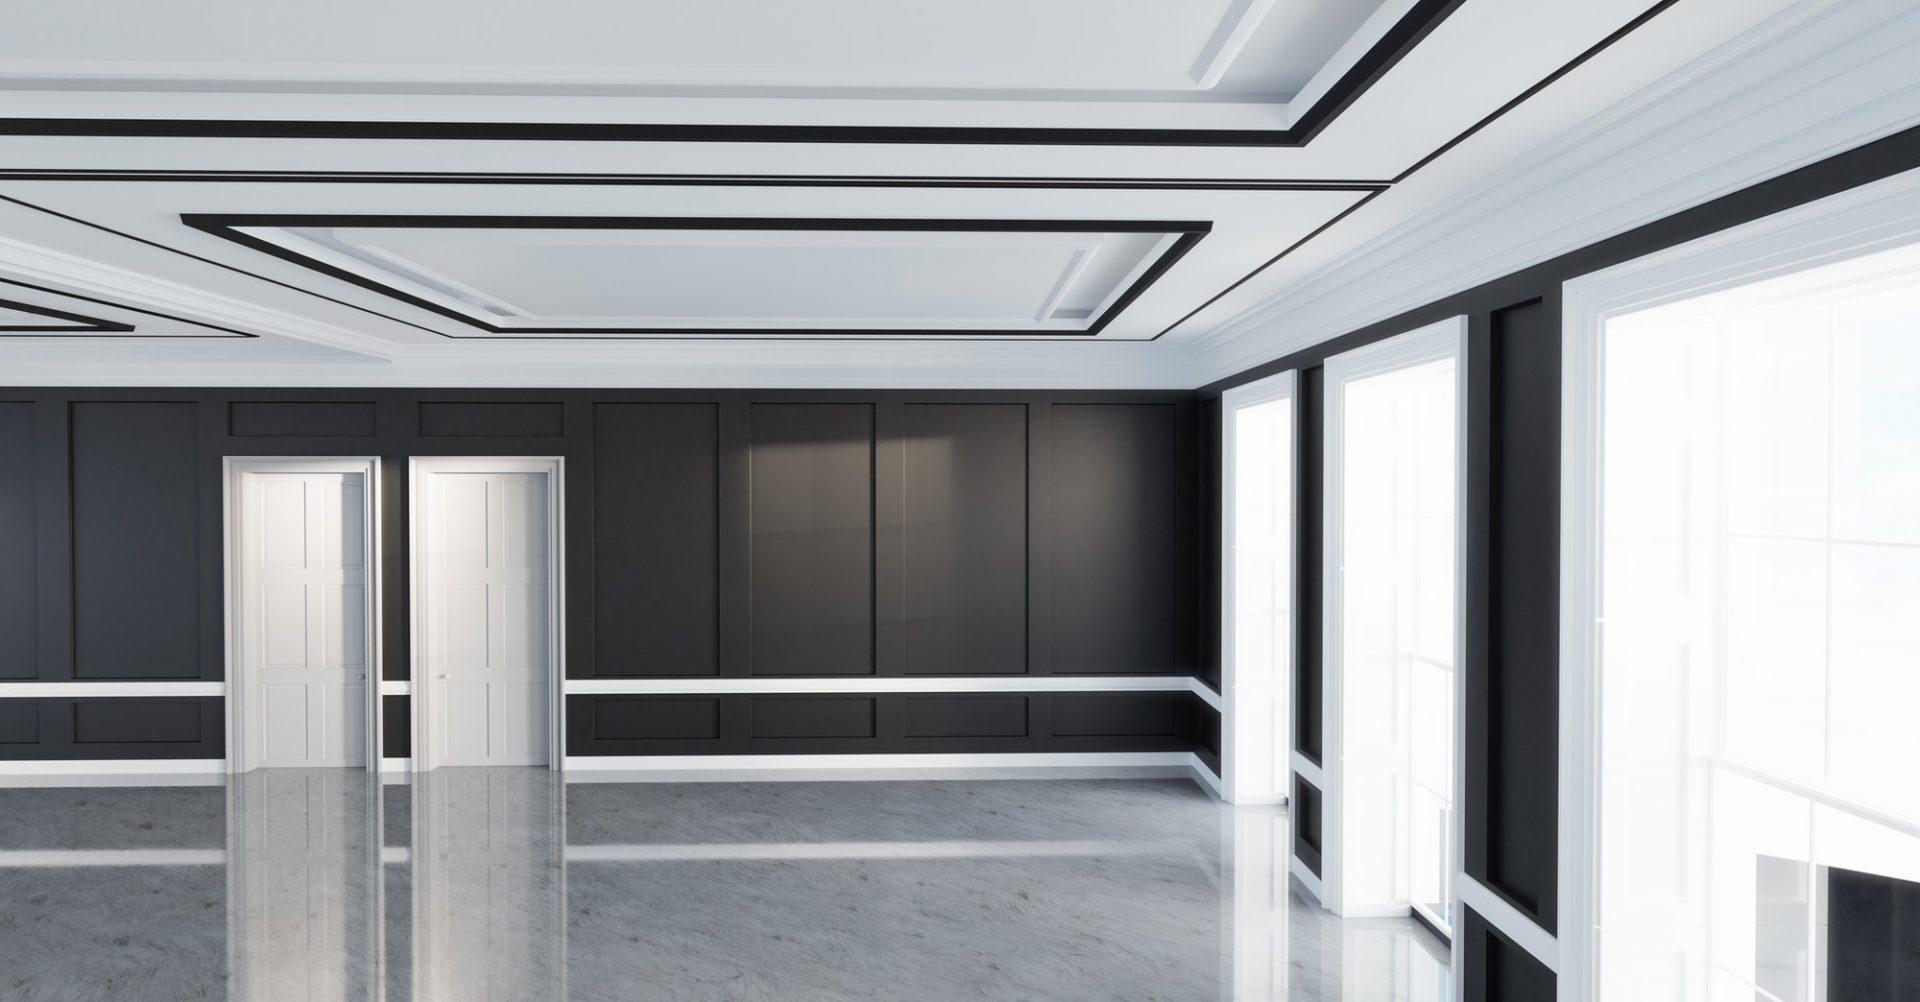 Classic empty interior apartment with vinyl flooring.